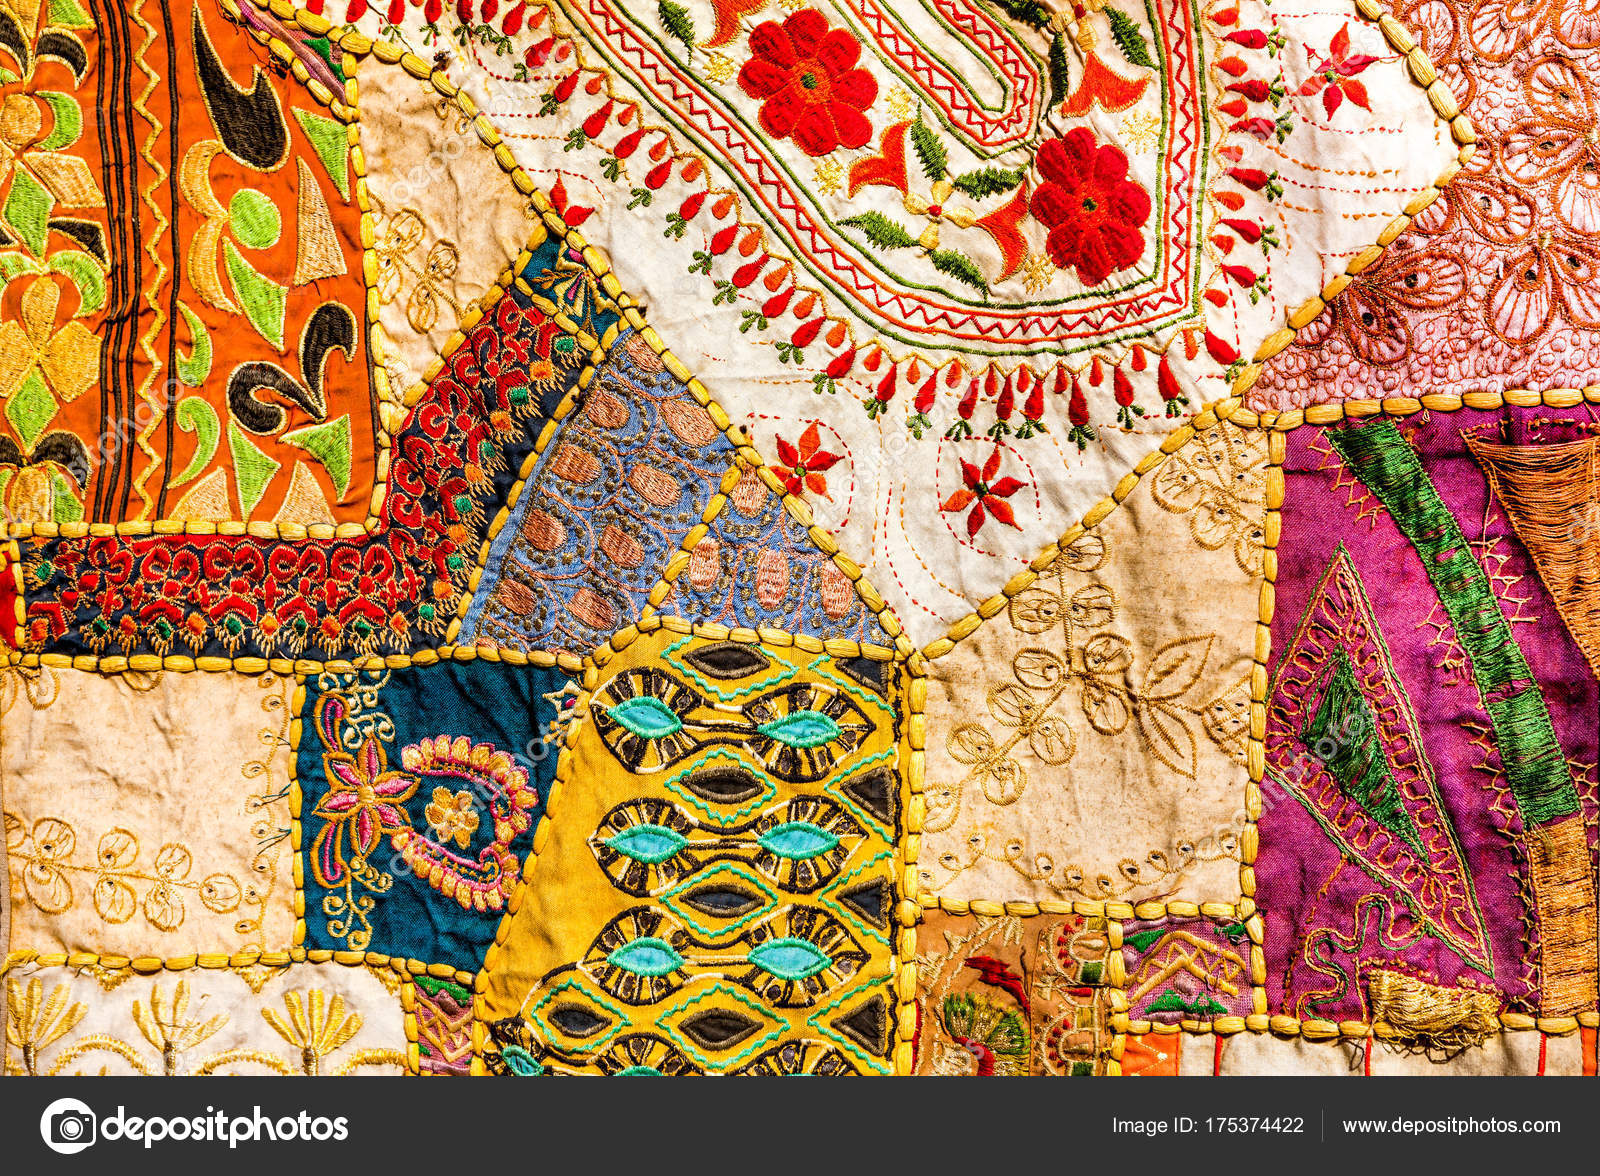 Alten indischen Patchwork-Teppich. Rajasthan, Indien — Stockfoto ...